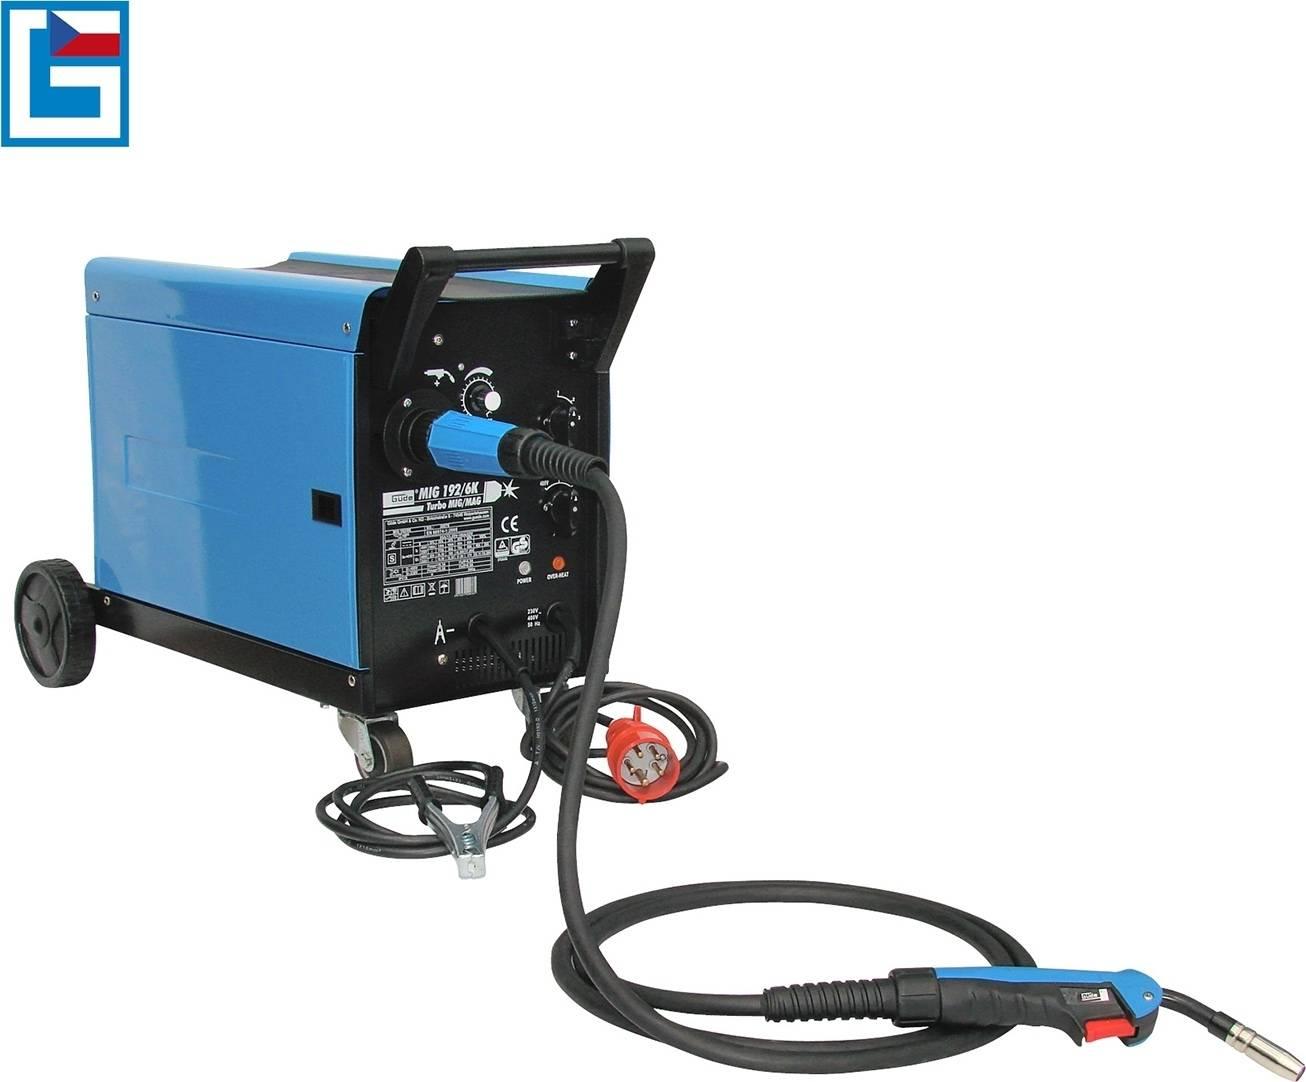 Svářečka MIG 192/6 K pro svařování v ochranné atmosféře 20076 GÜDE